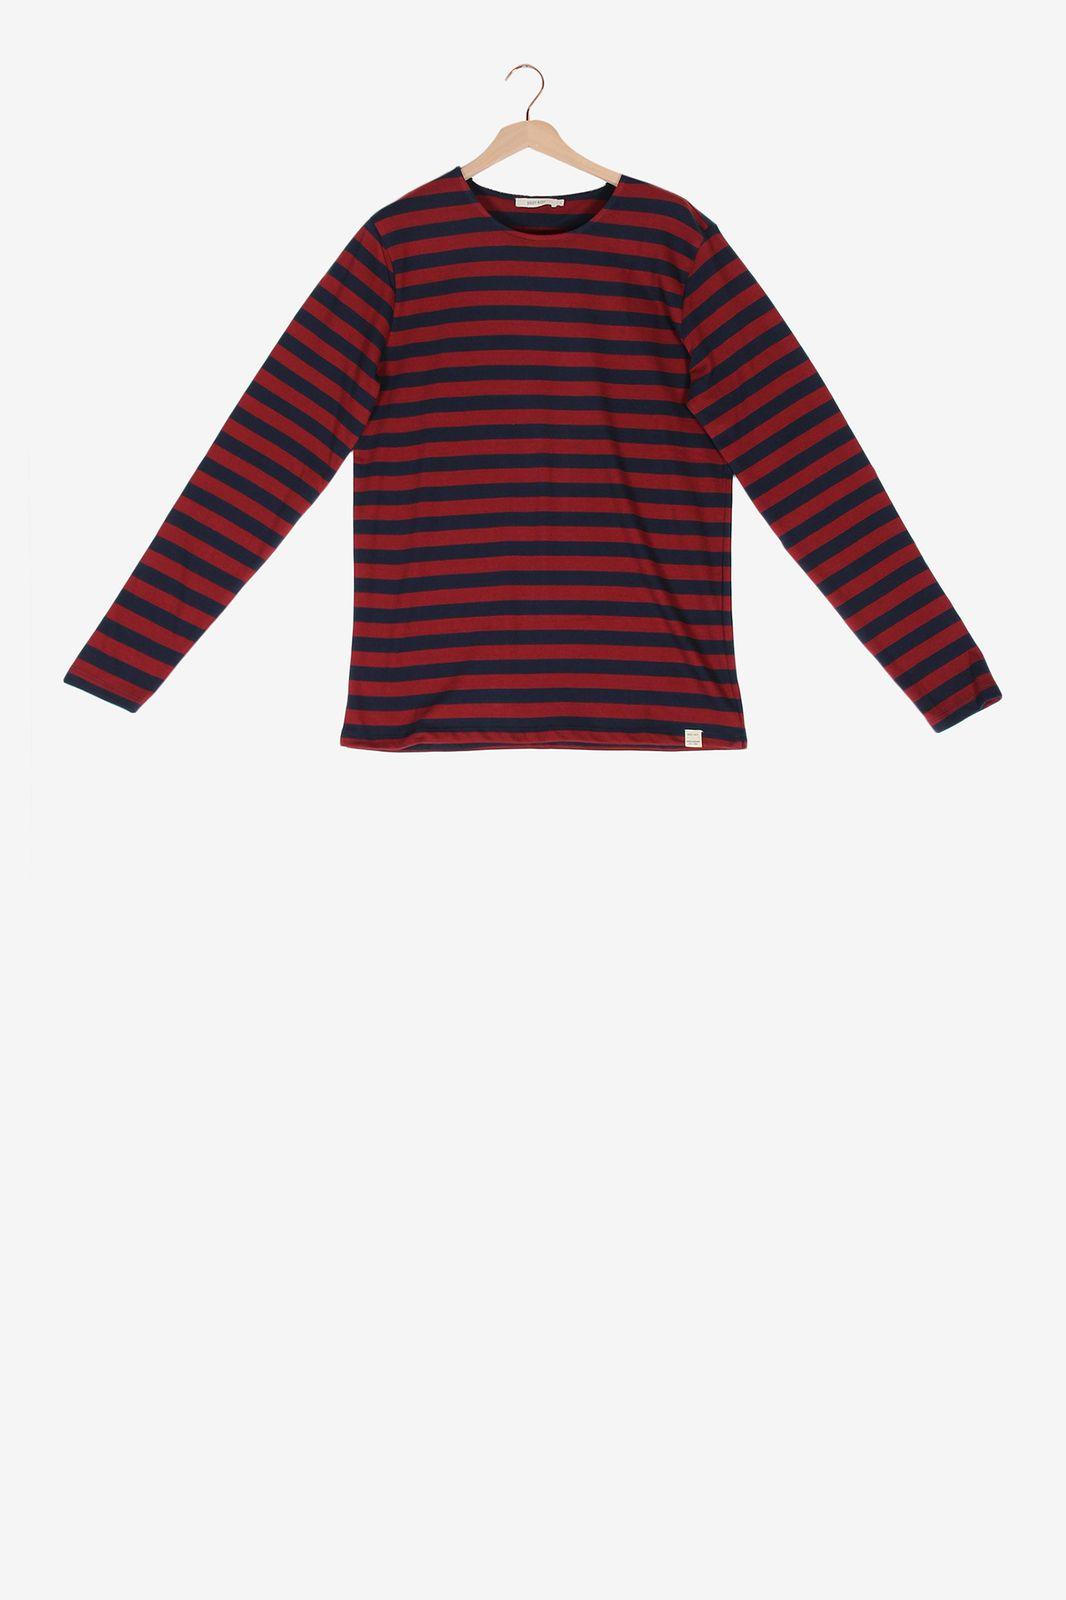 Rood gestreept t-shirt met lange mouwen